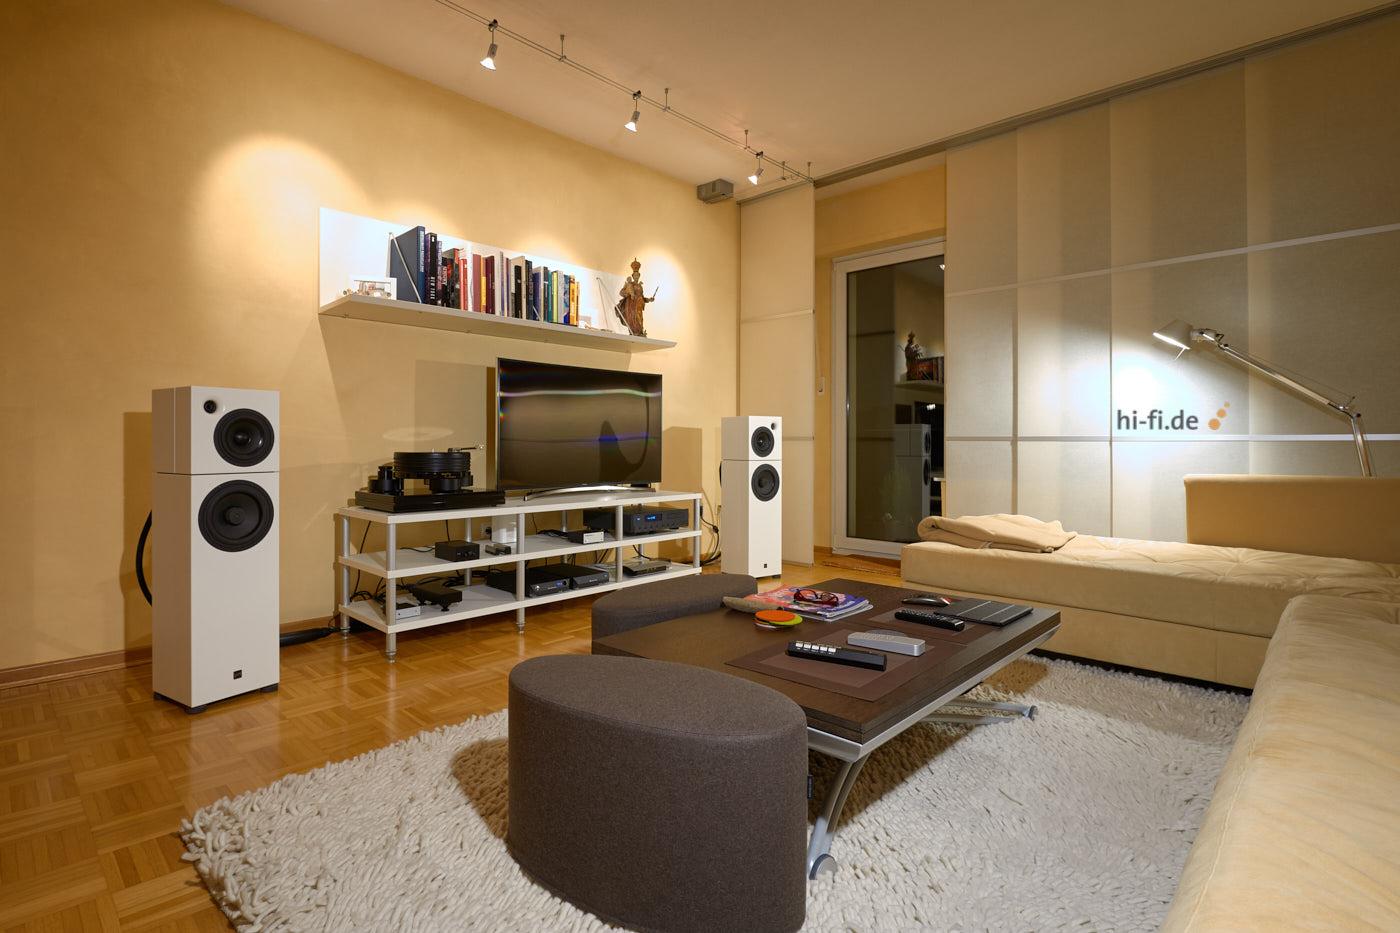 Sehring S 804 Studio - Auralic Aries Femto